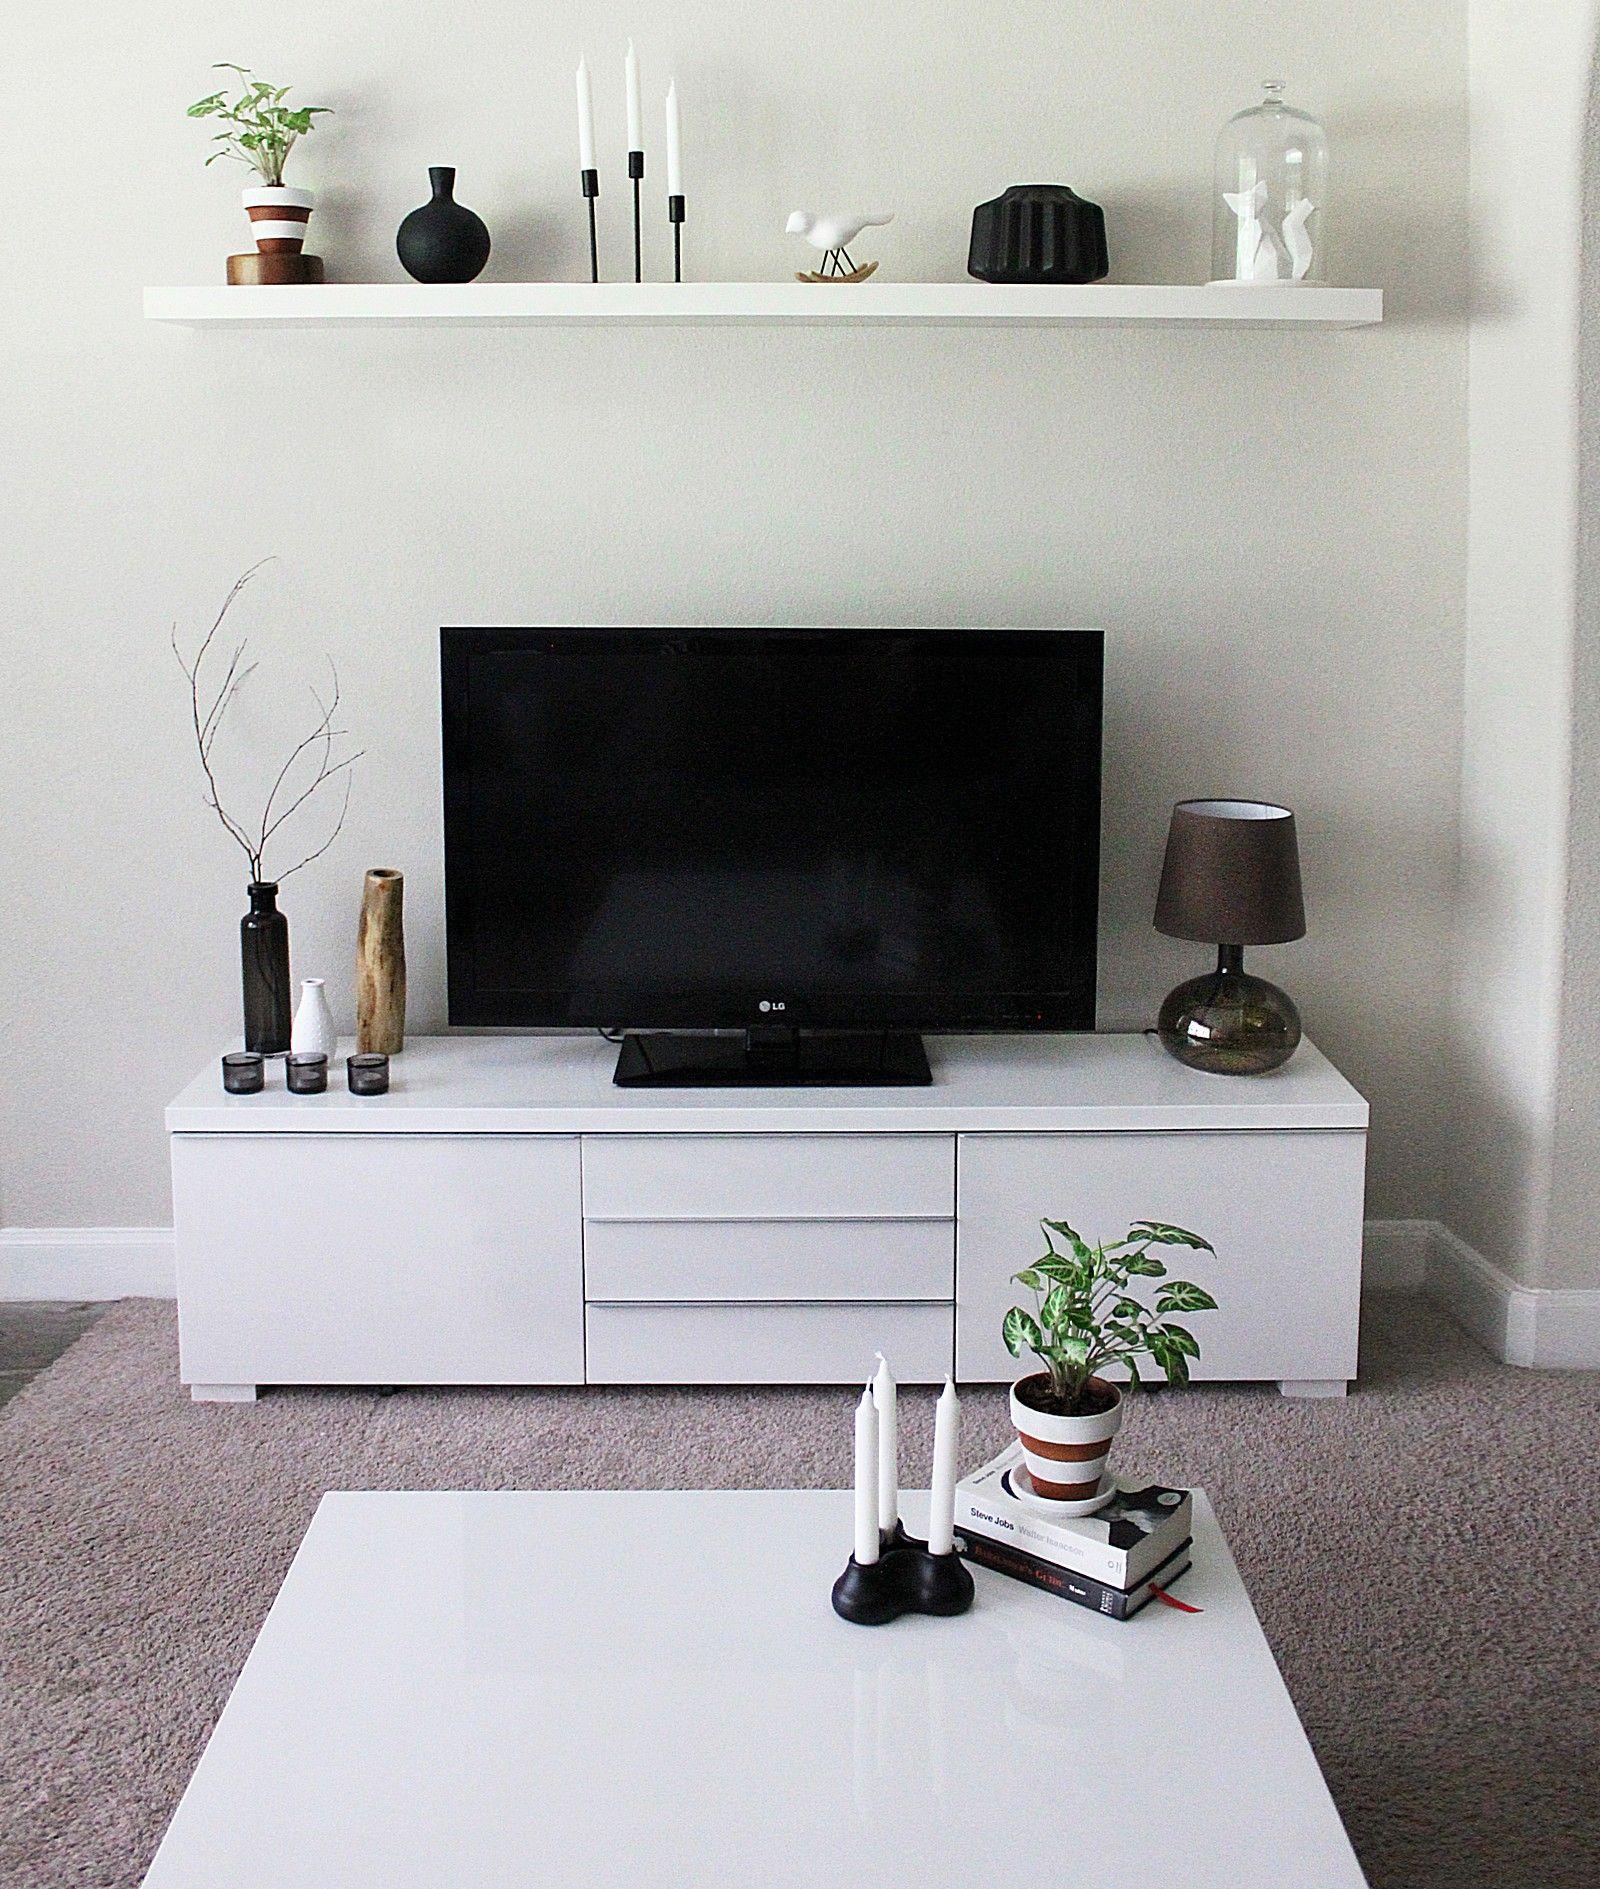 Pin On Interiors Design Ideas